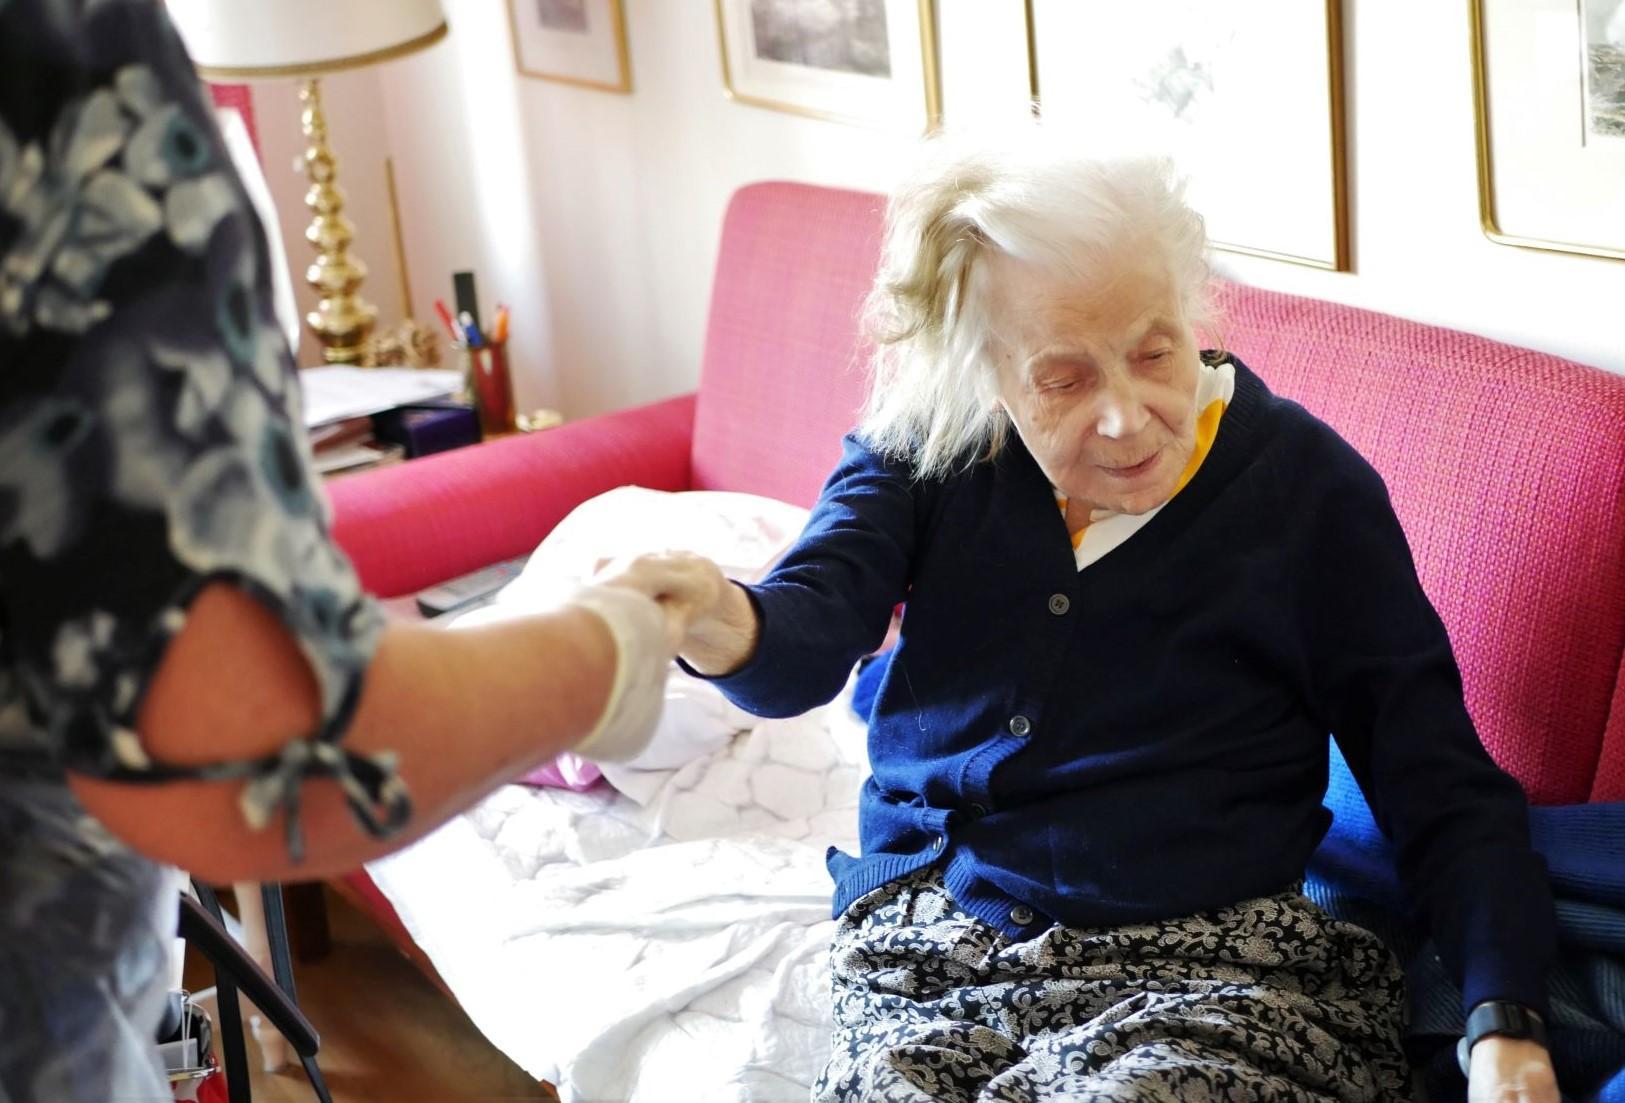 Vårdare håller i äldre persons hand och drar upp henne ur sängen